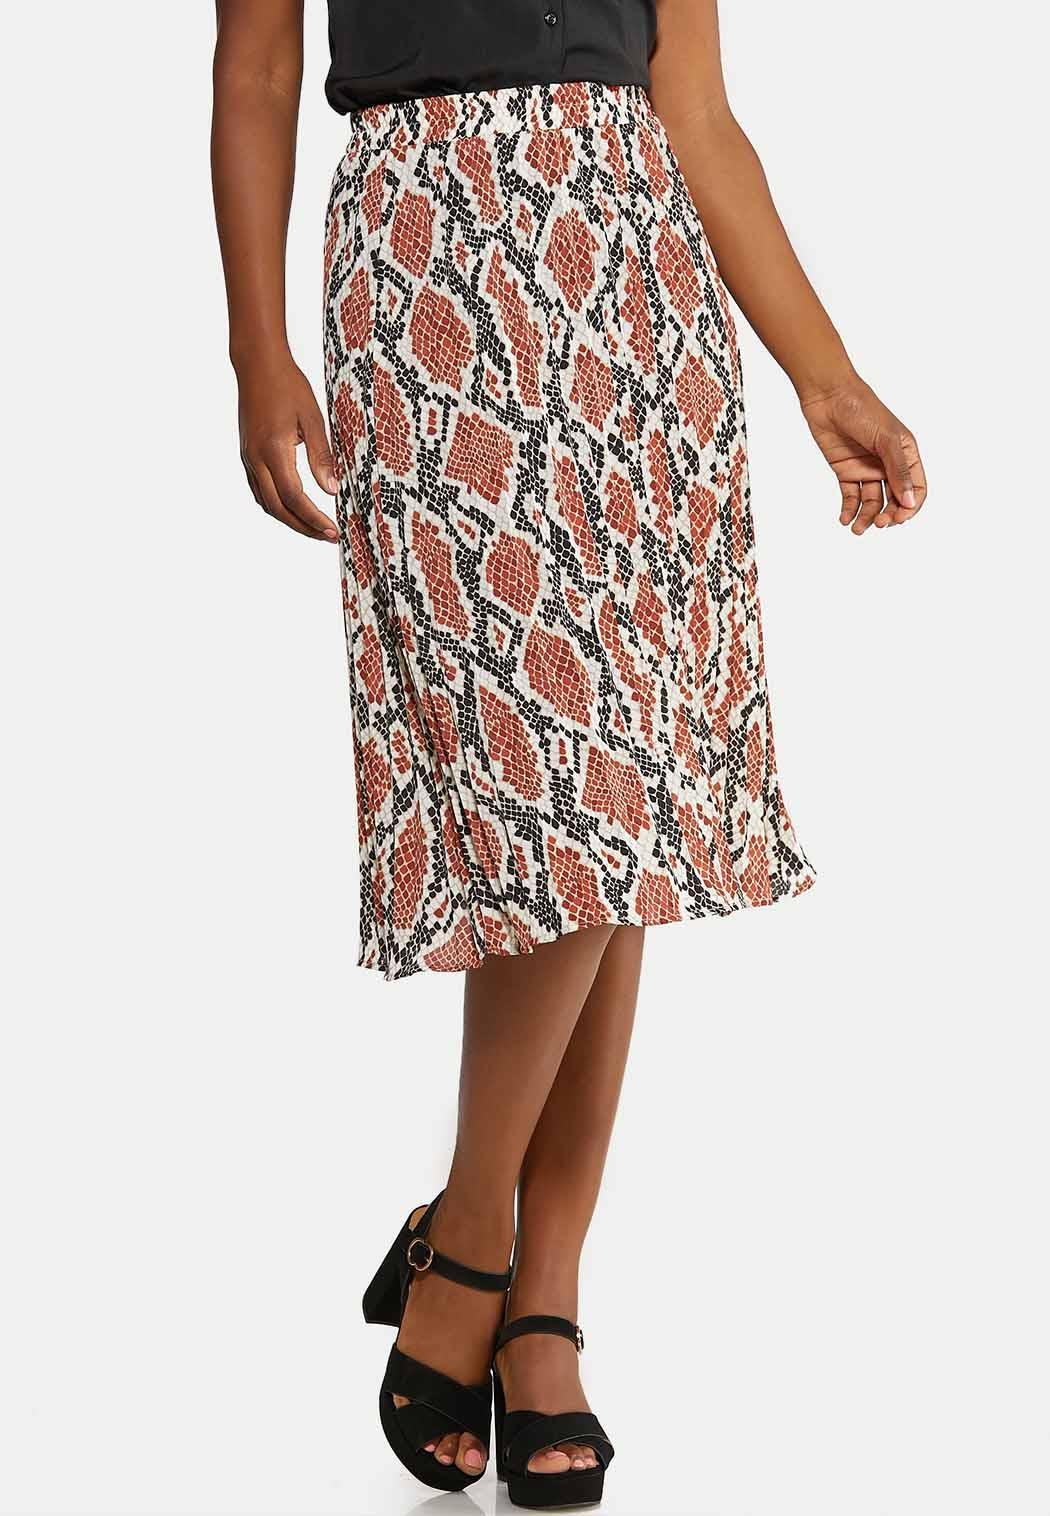 Pleated Snakeskin Print Skirt